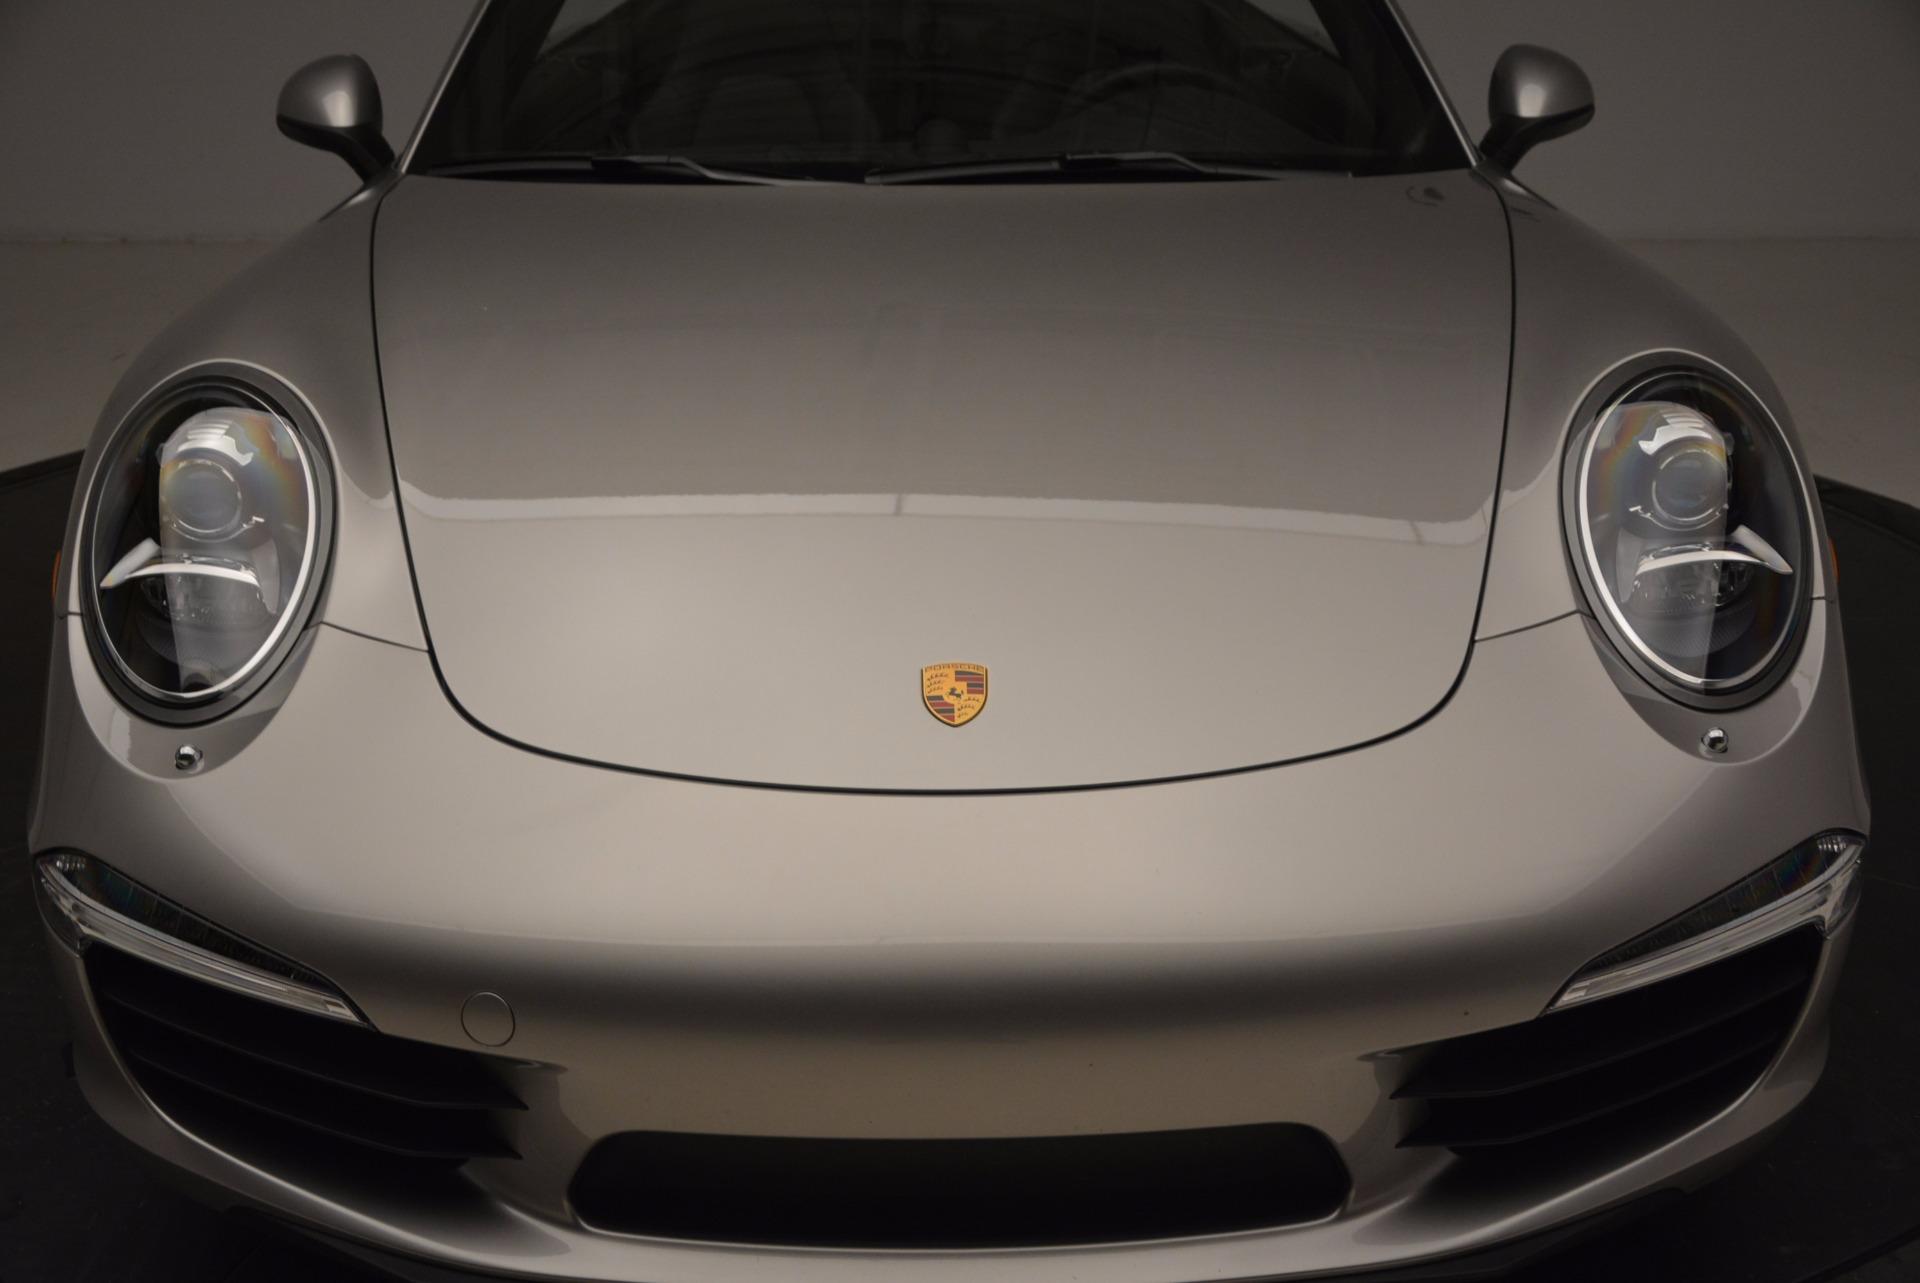 Used 2012 Porsche 911 Carrera S For Sale In Greenwich, CT 1790_p13